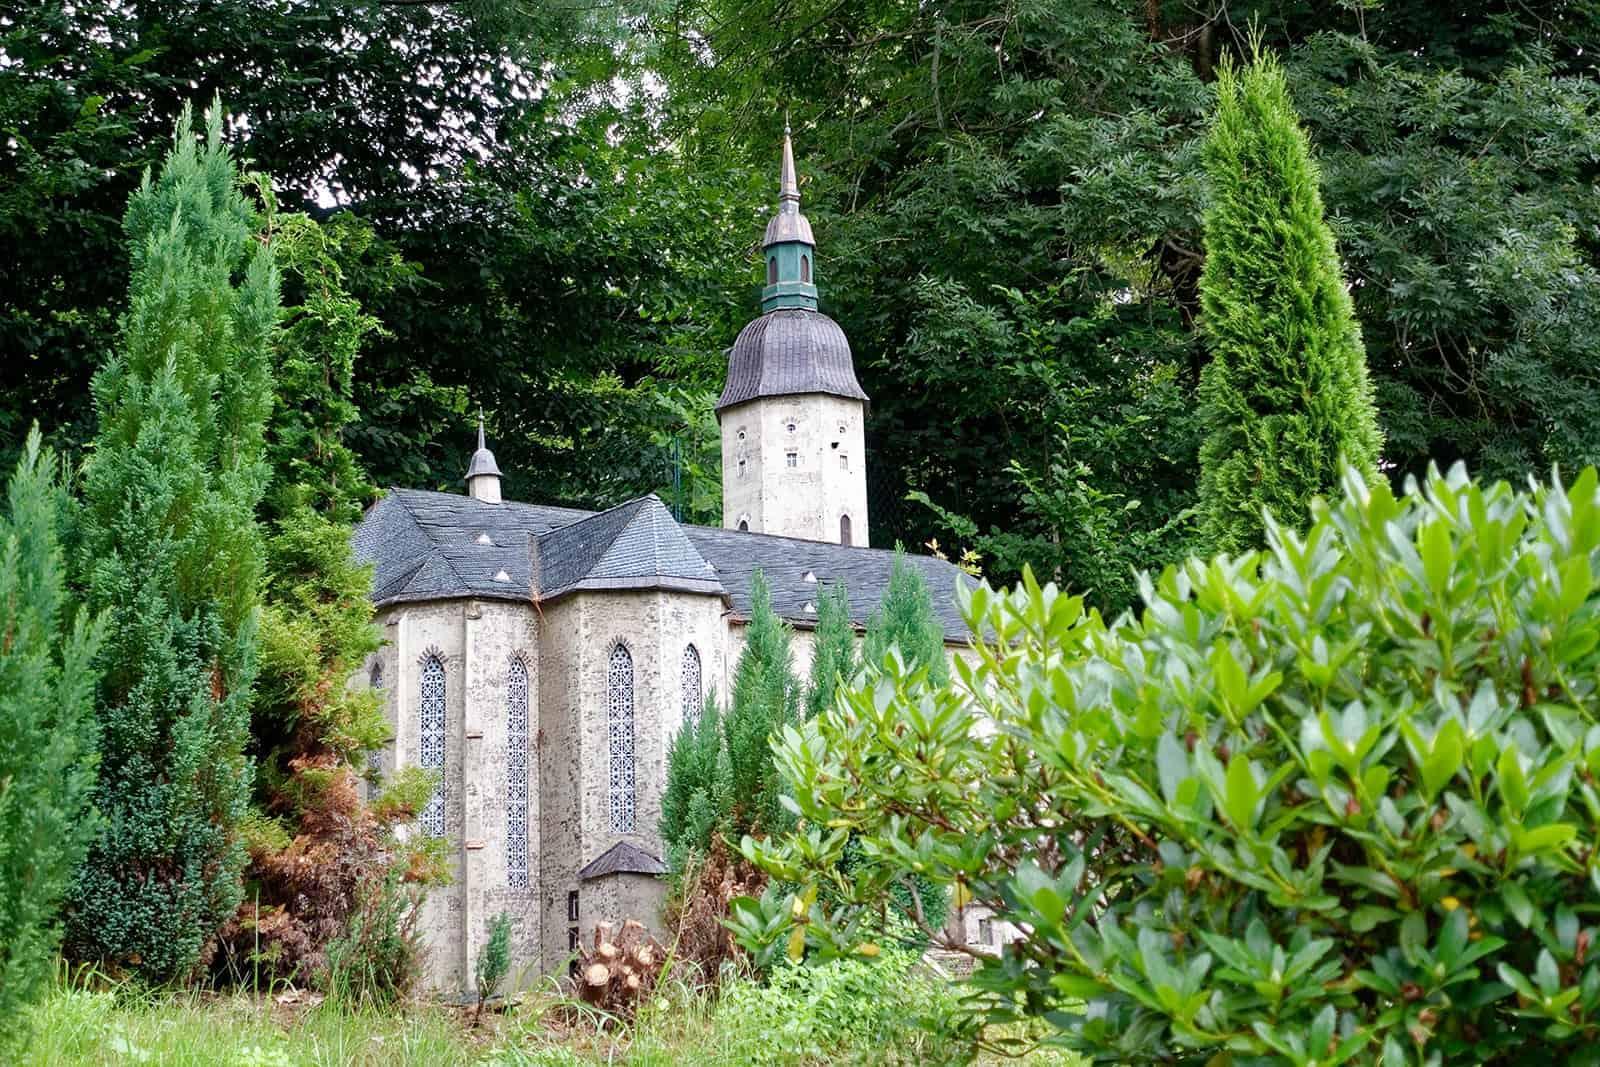 Minatur der Sankt-Annen-Kirche in Annaberg-Buchholz